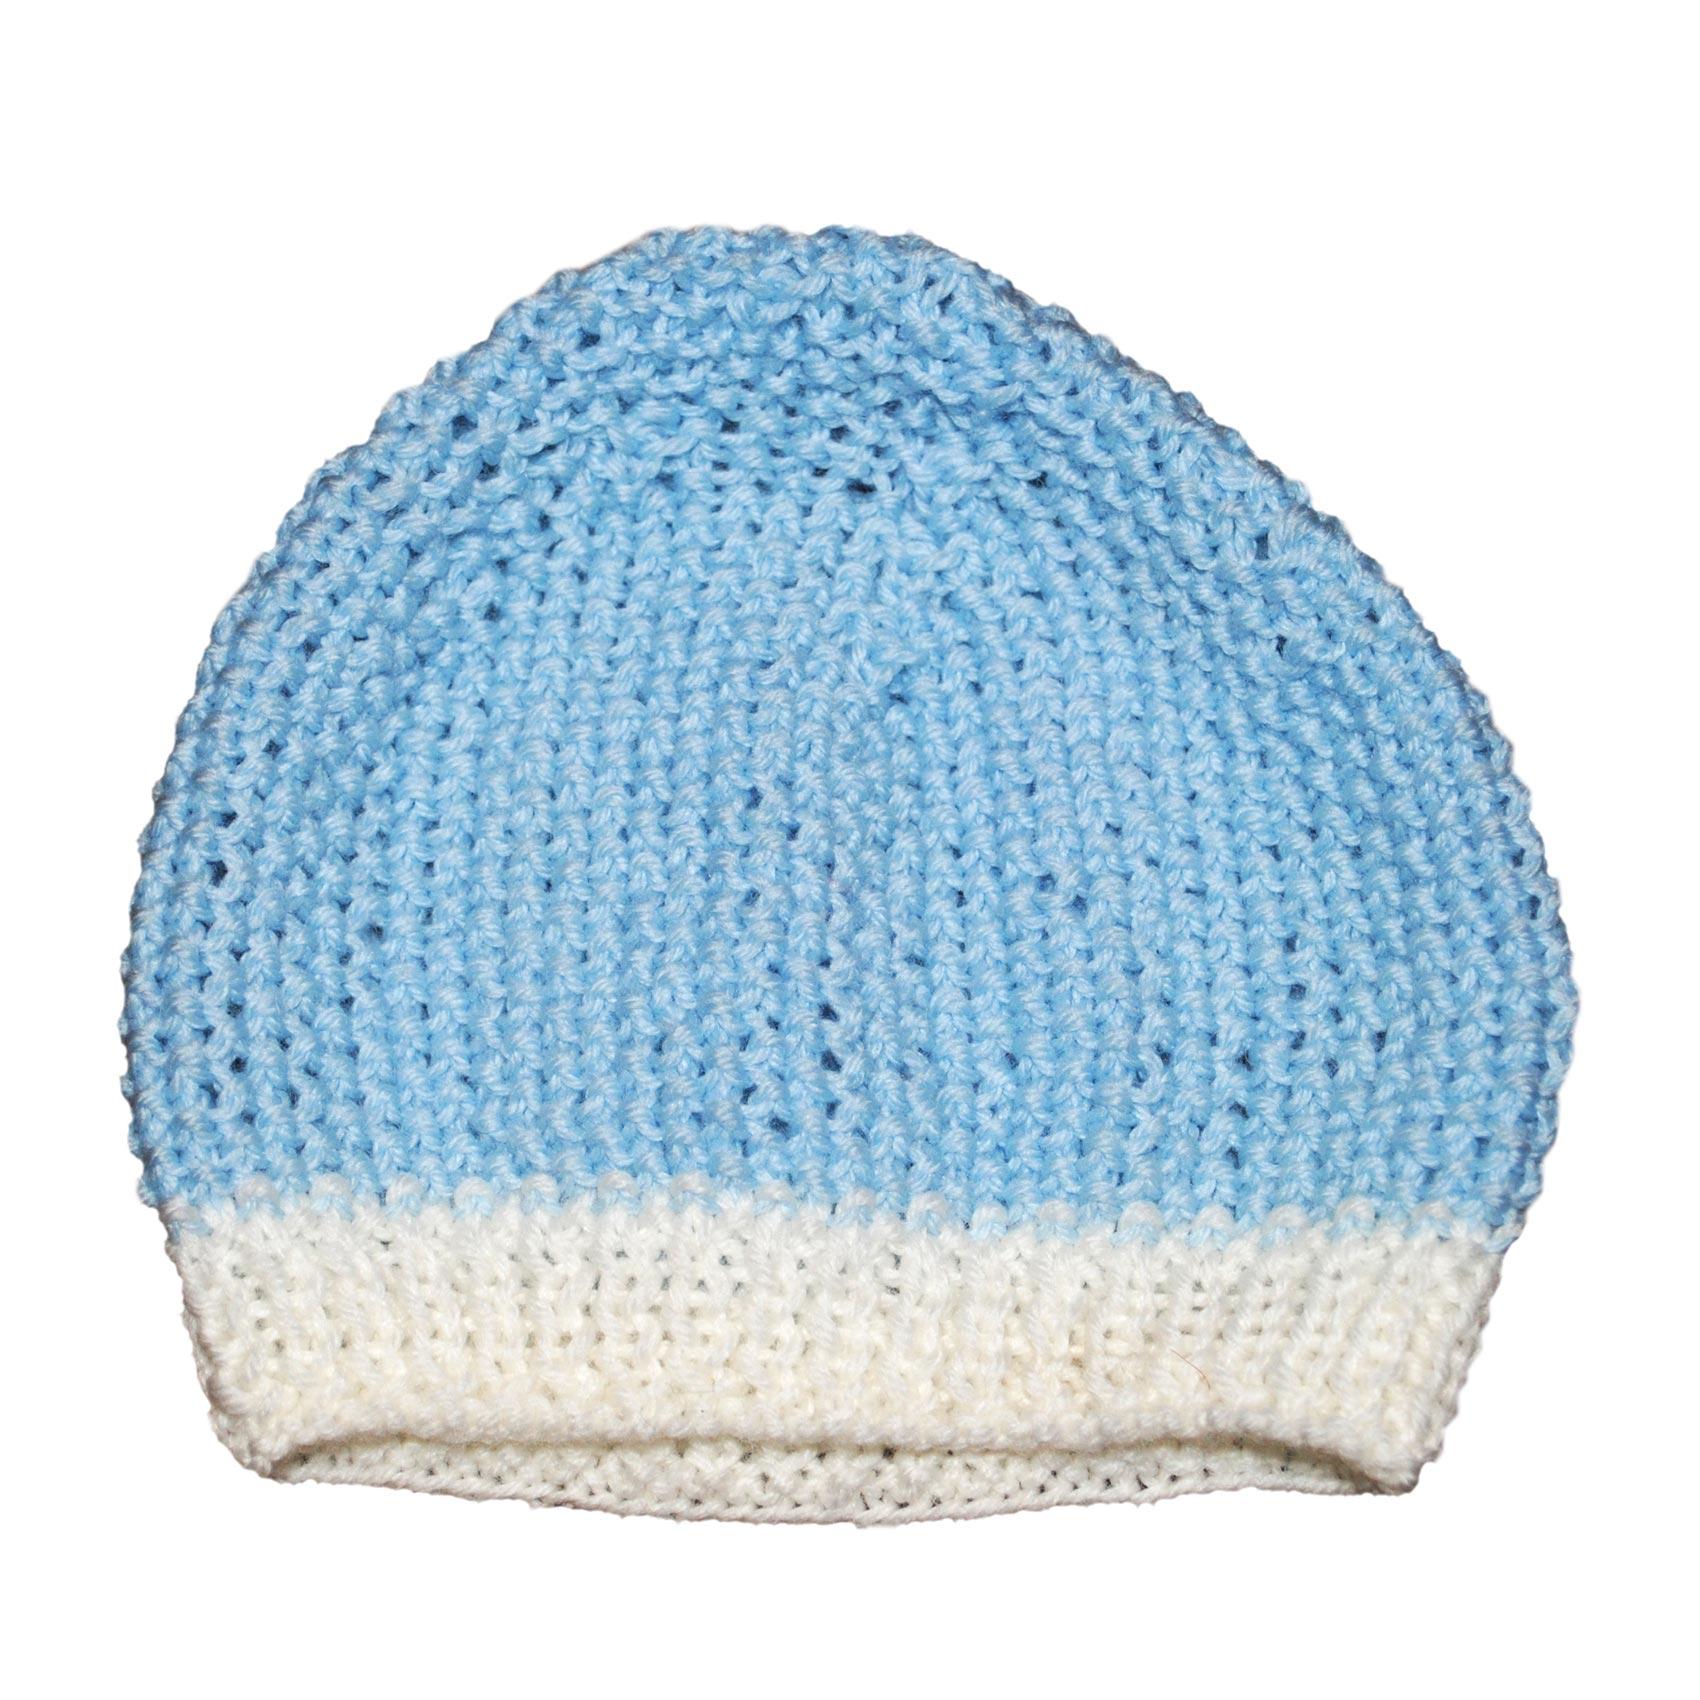 Per il sole o per la pioggia, i cappellini da neonato di Kiabi ti offrono il migliore rapporto qualità-prezzo in assoluto.